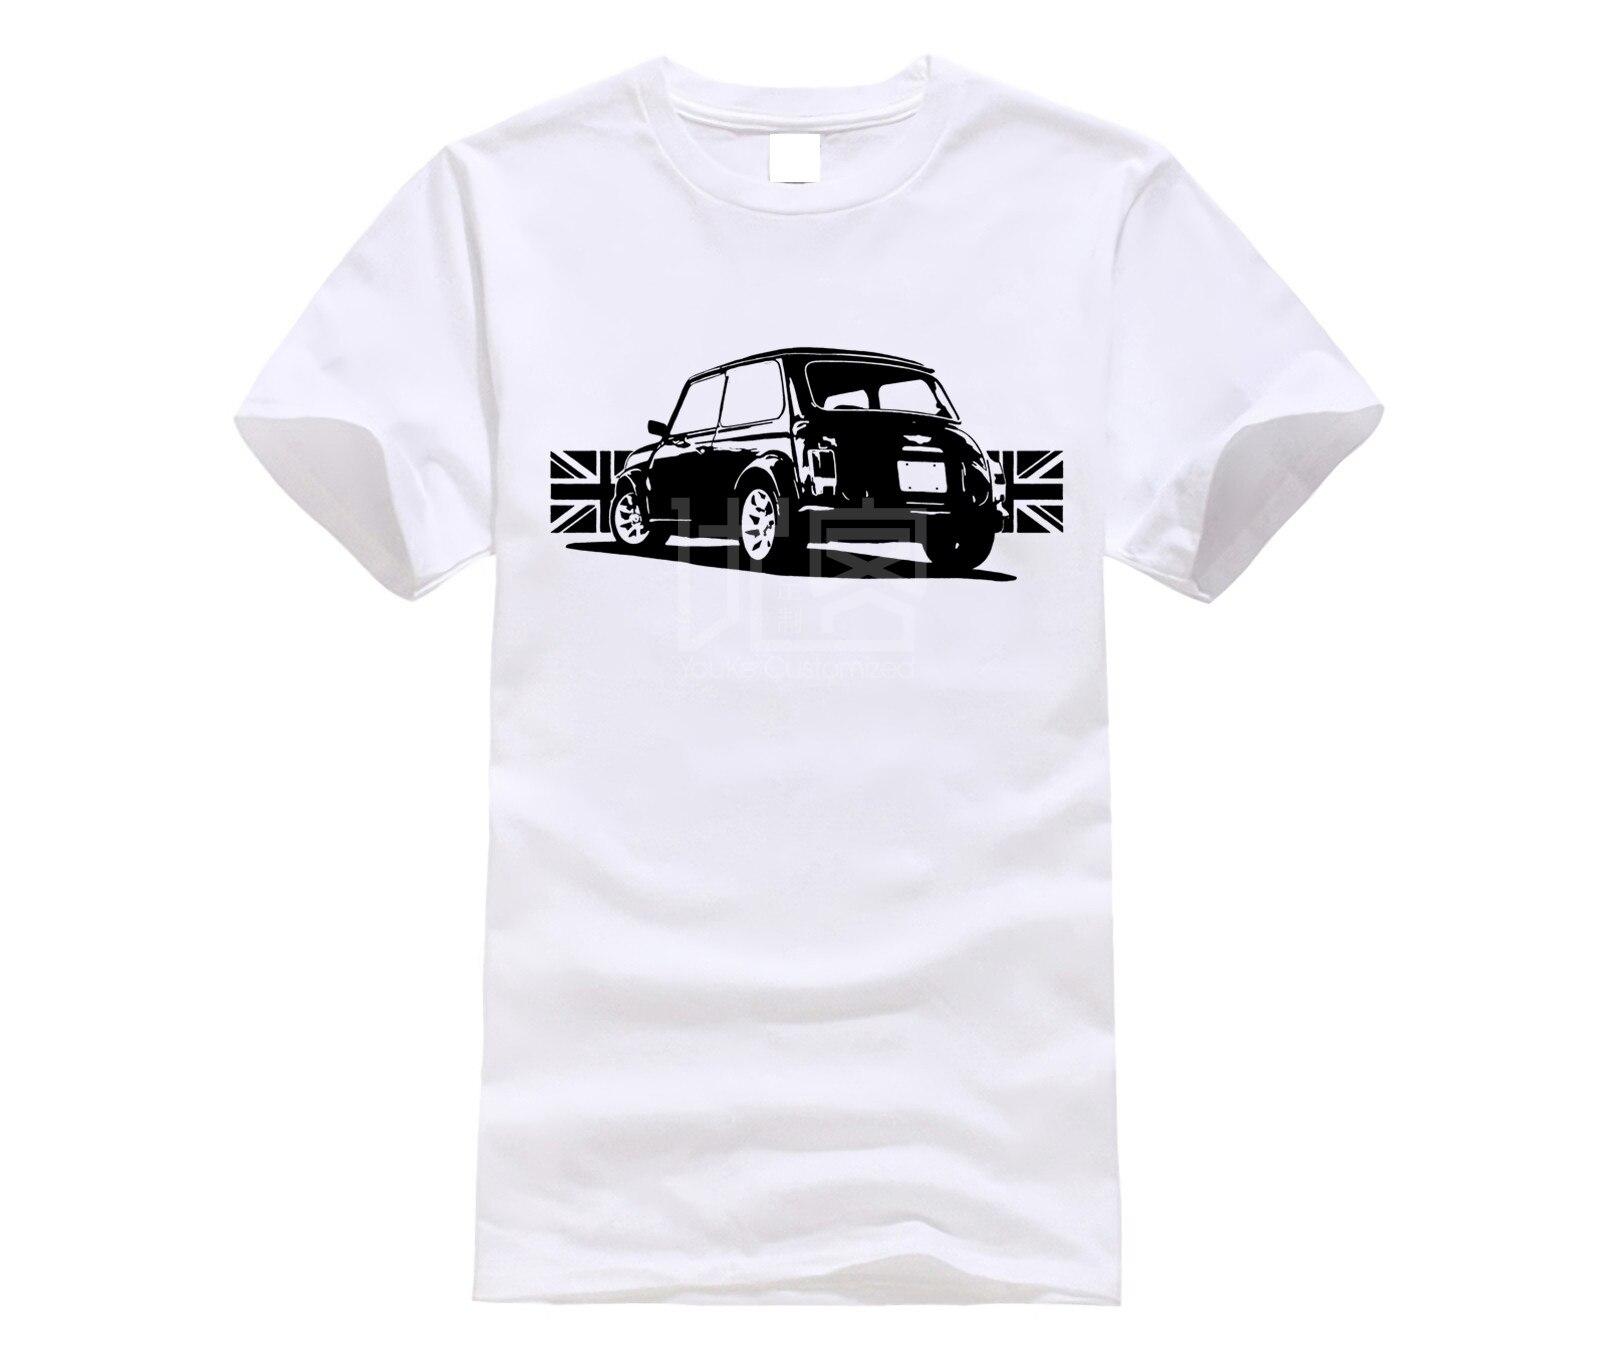 T-Shirt dla fanów mini cooper classic bmc austin brytyjski samochód S-5XL 6 kolorów